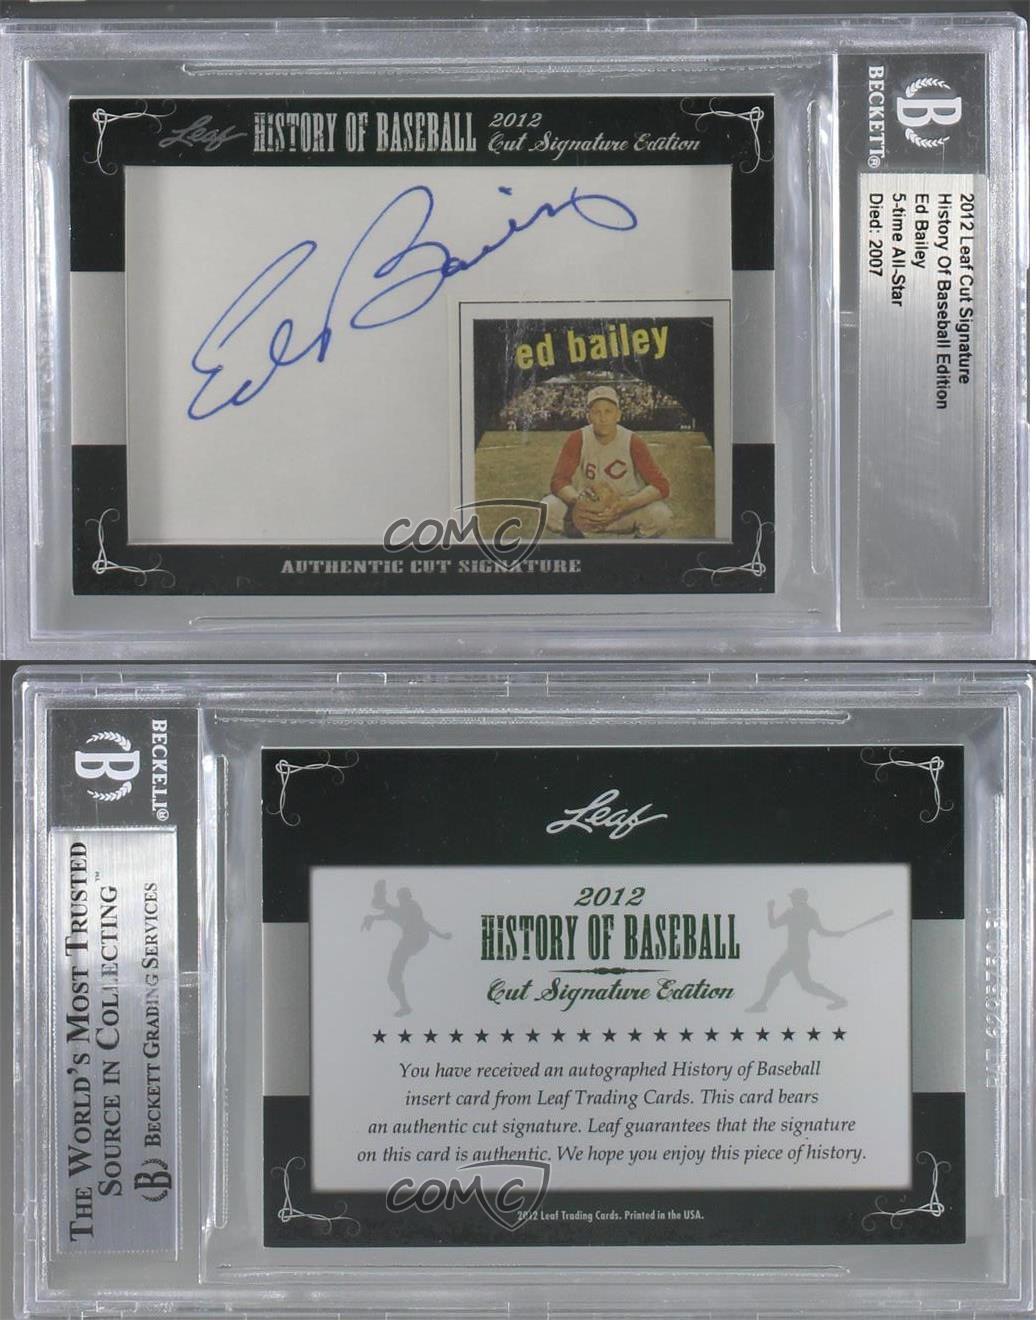 2012-Leaf-History-of-Baseball-Cut-Signature-Edition-EDBA-Ed-Bailey-Auto-Card